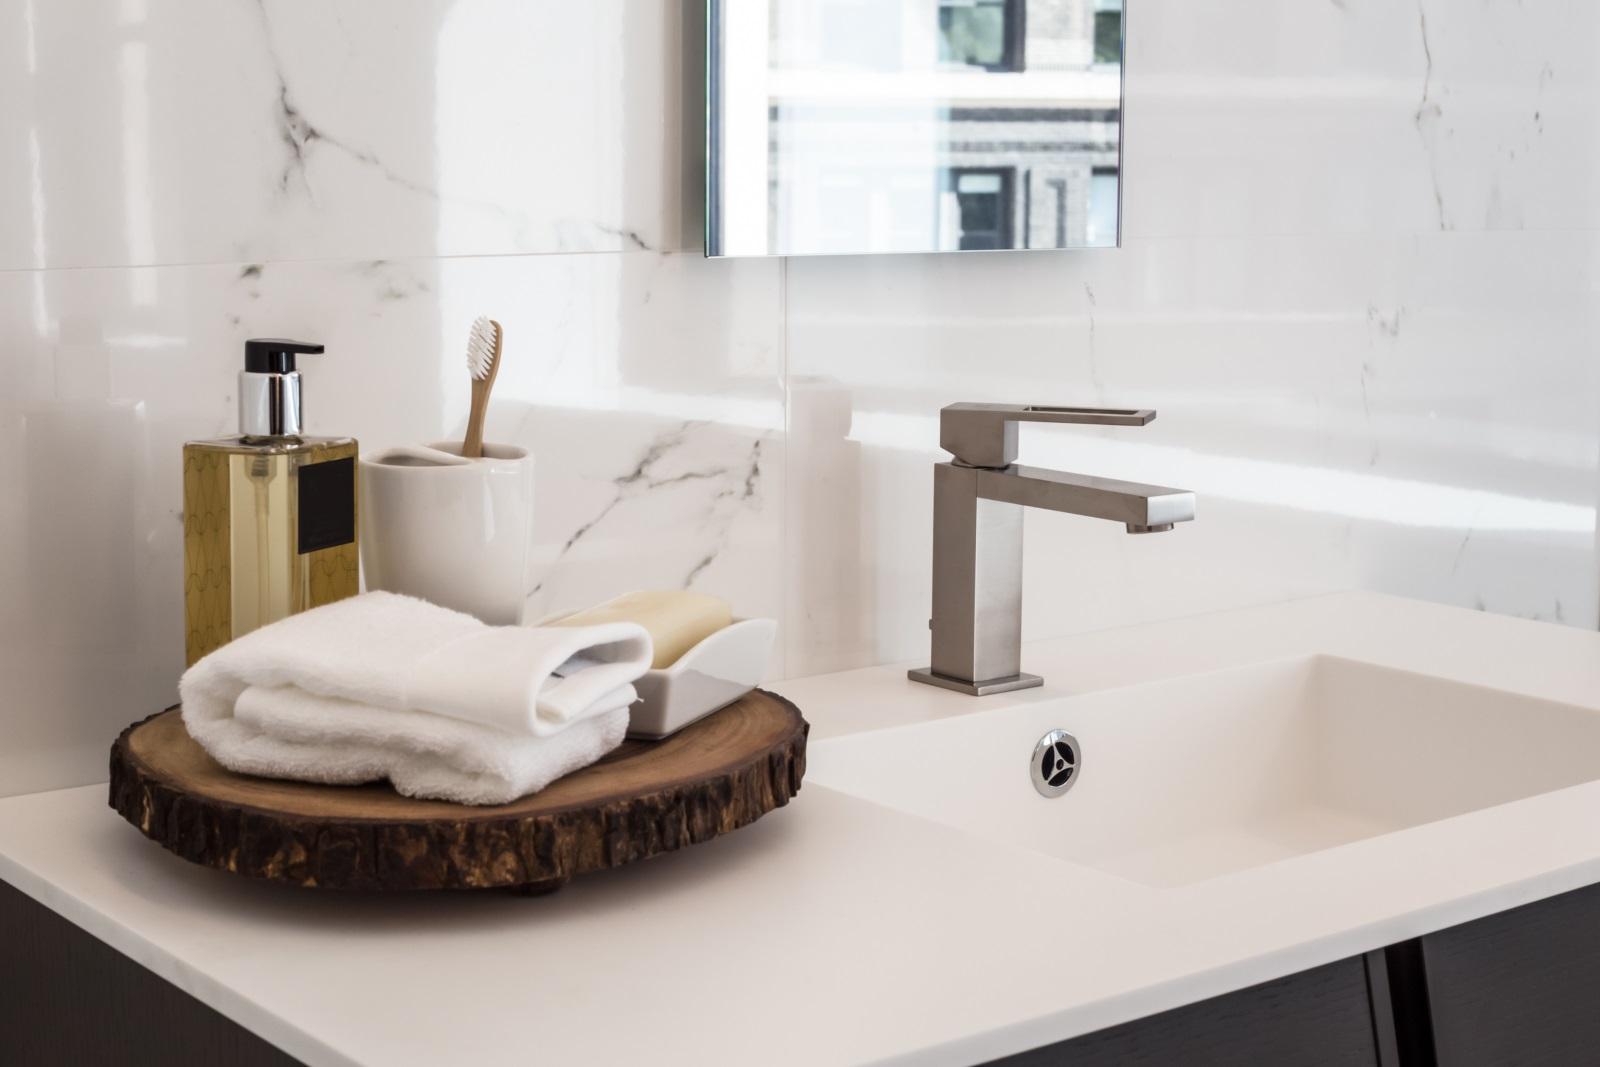 Мивката в банята: Сапунът и кърпата за ръце са задължителни елементи, които освен че допълват интериора, са показателни за хигиенните навици.